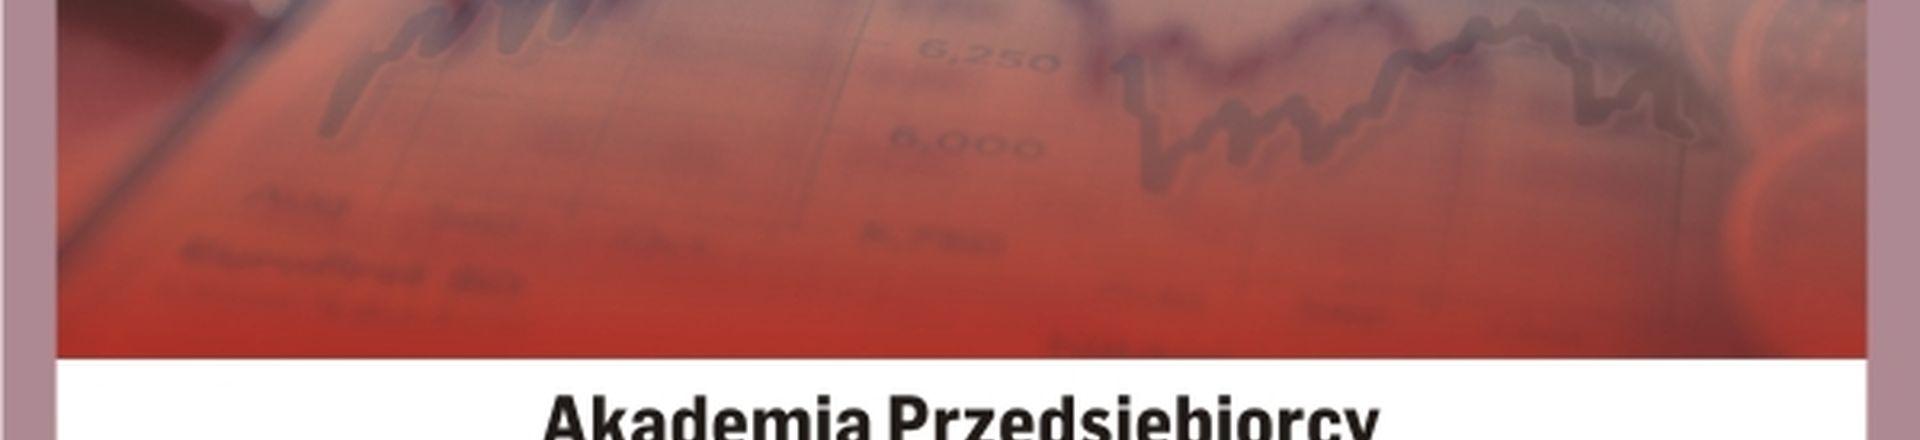 Cykl Akademia Przedsiębiorcy: Kapitał i bezpieczeństwo Twojej firmy - Jelenia Góra